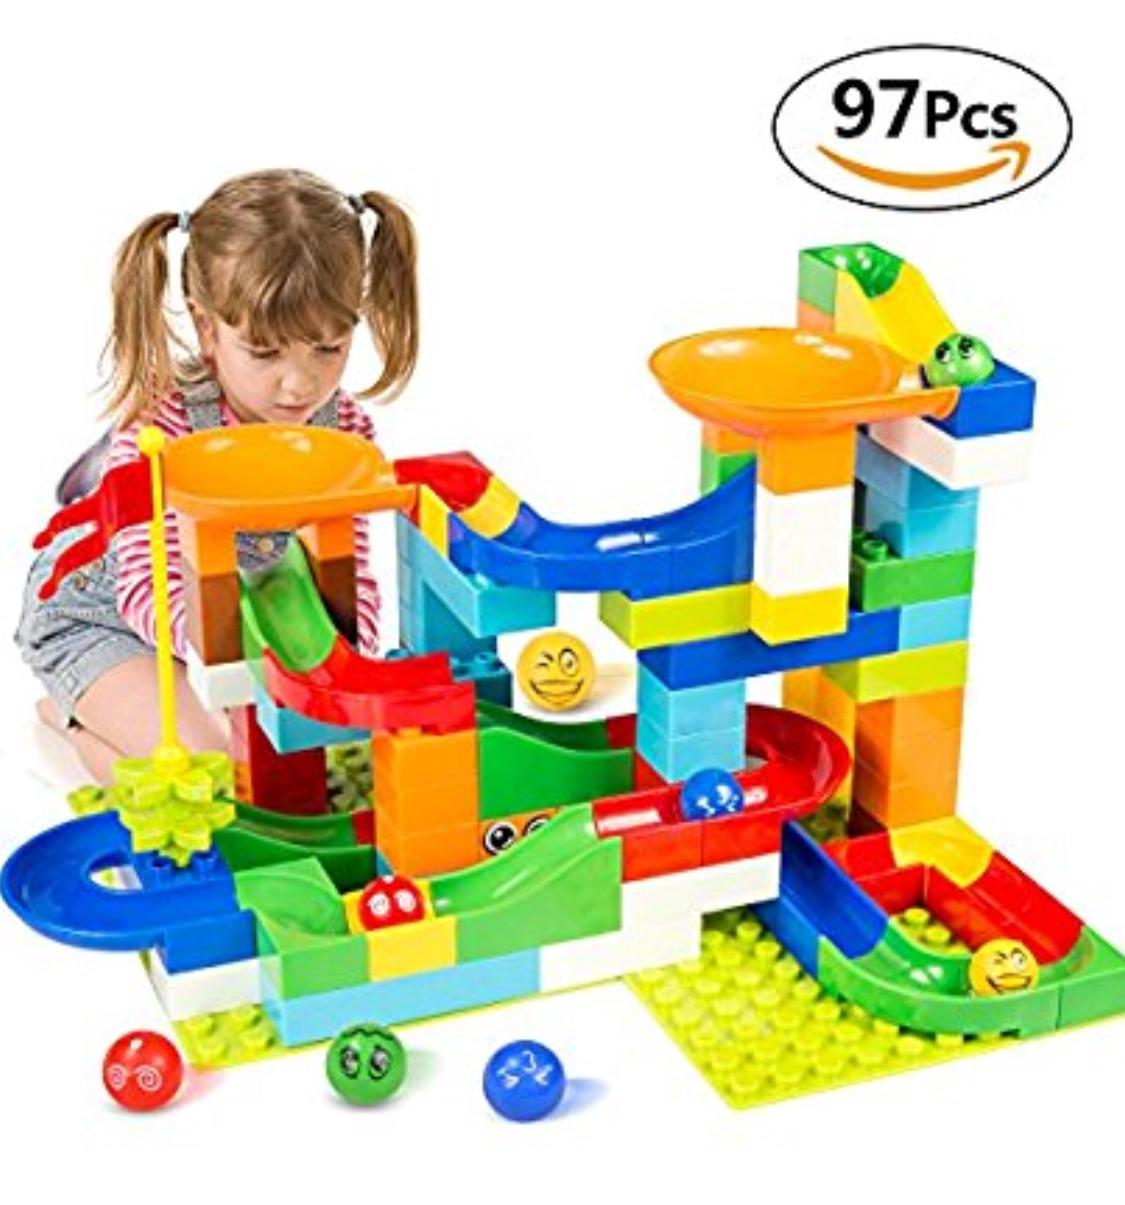 Building Blocks for Kids (97Pcs) + Free Prime Shipping $19.79